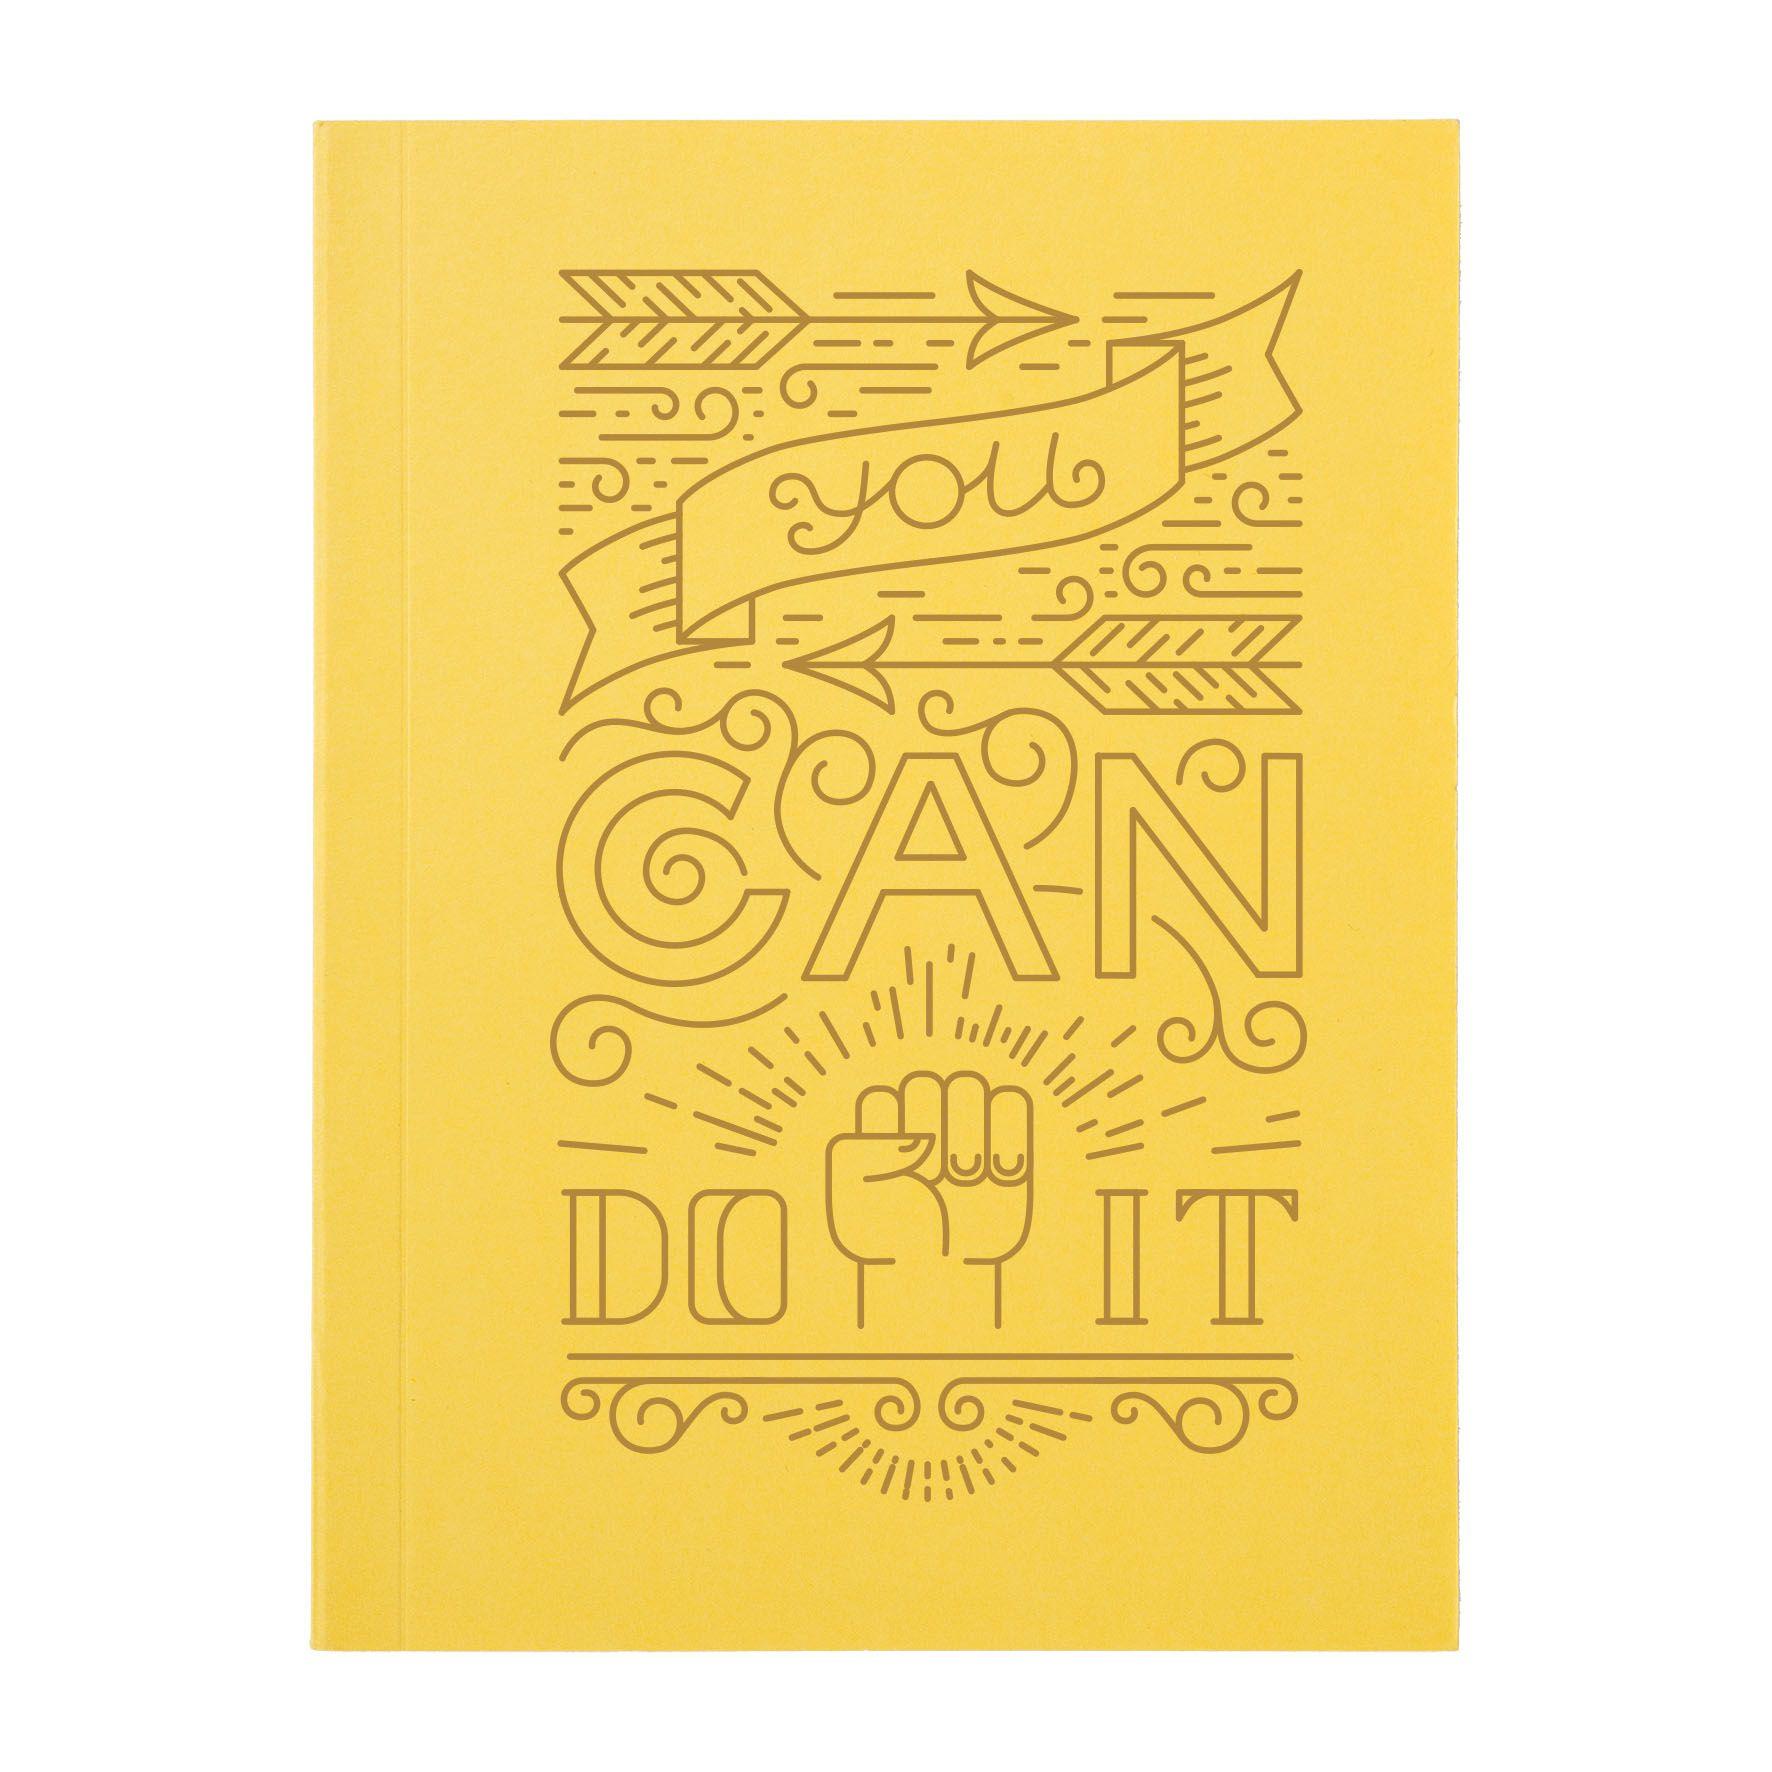 Carnet publicitaire A6 Inspiration - Objet publicitaire - jaune